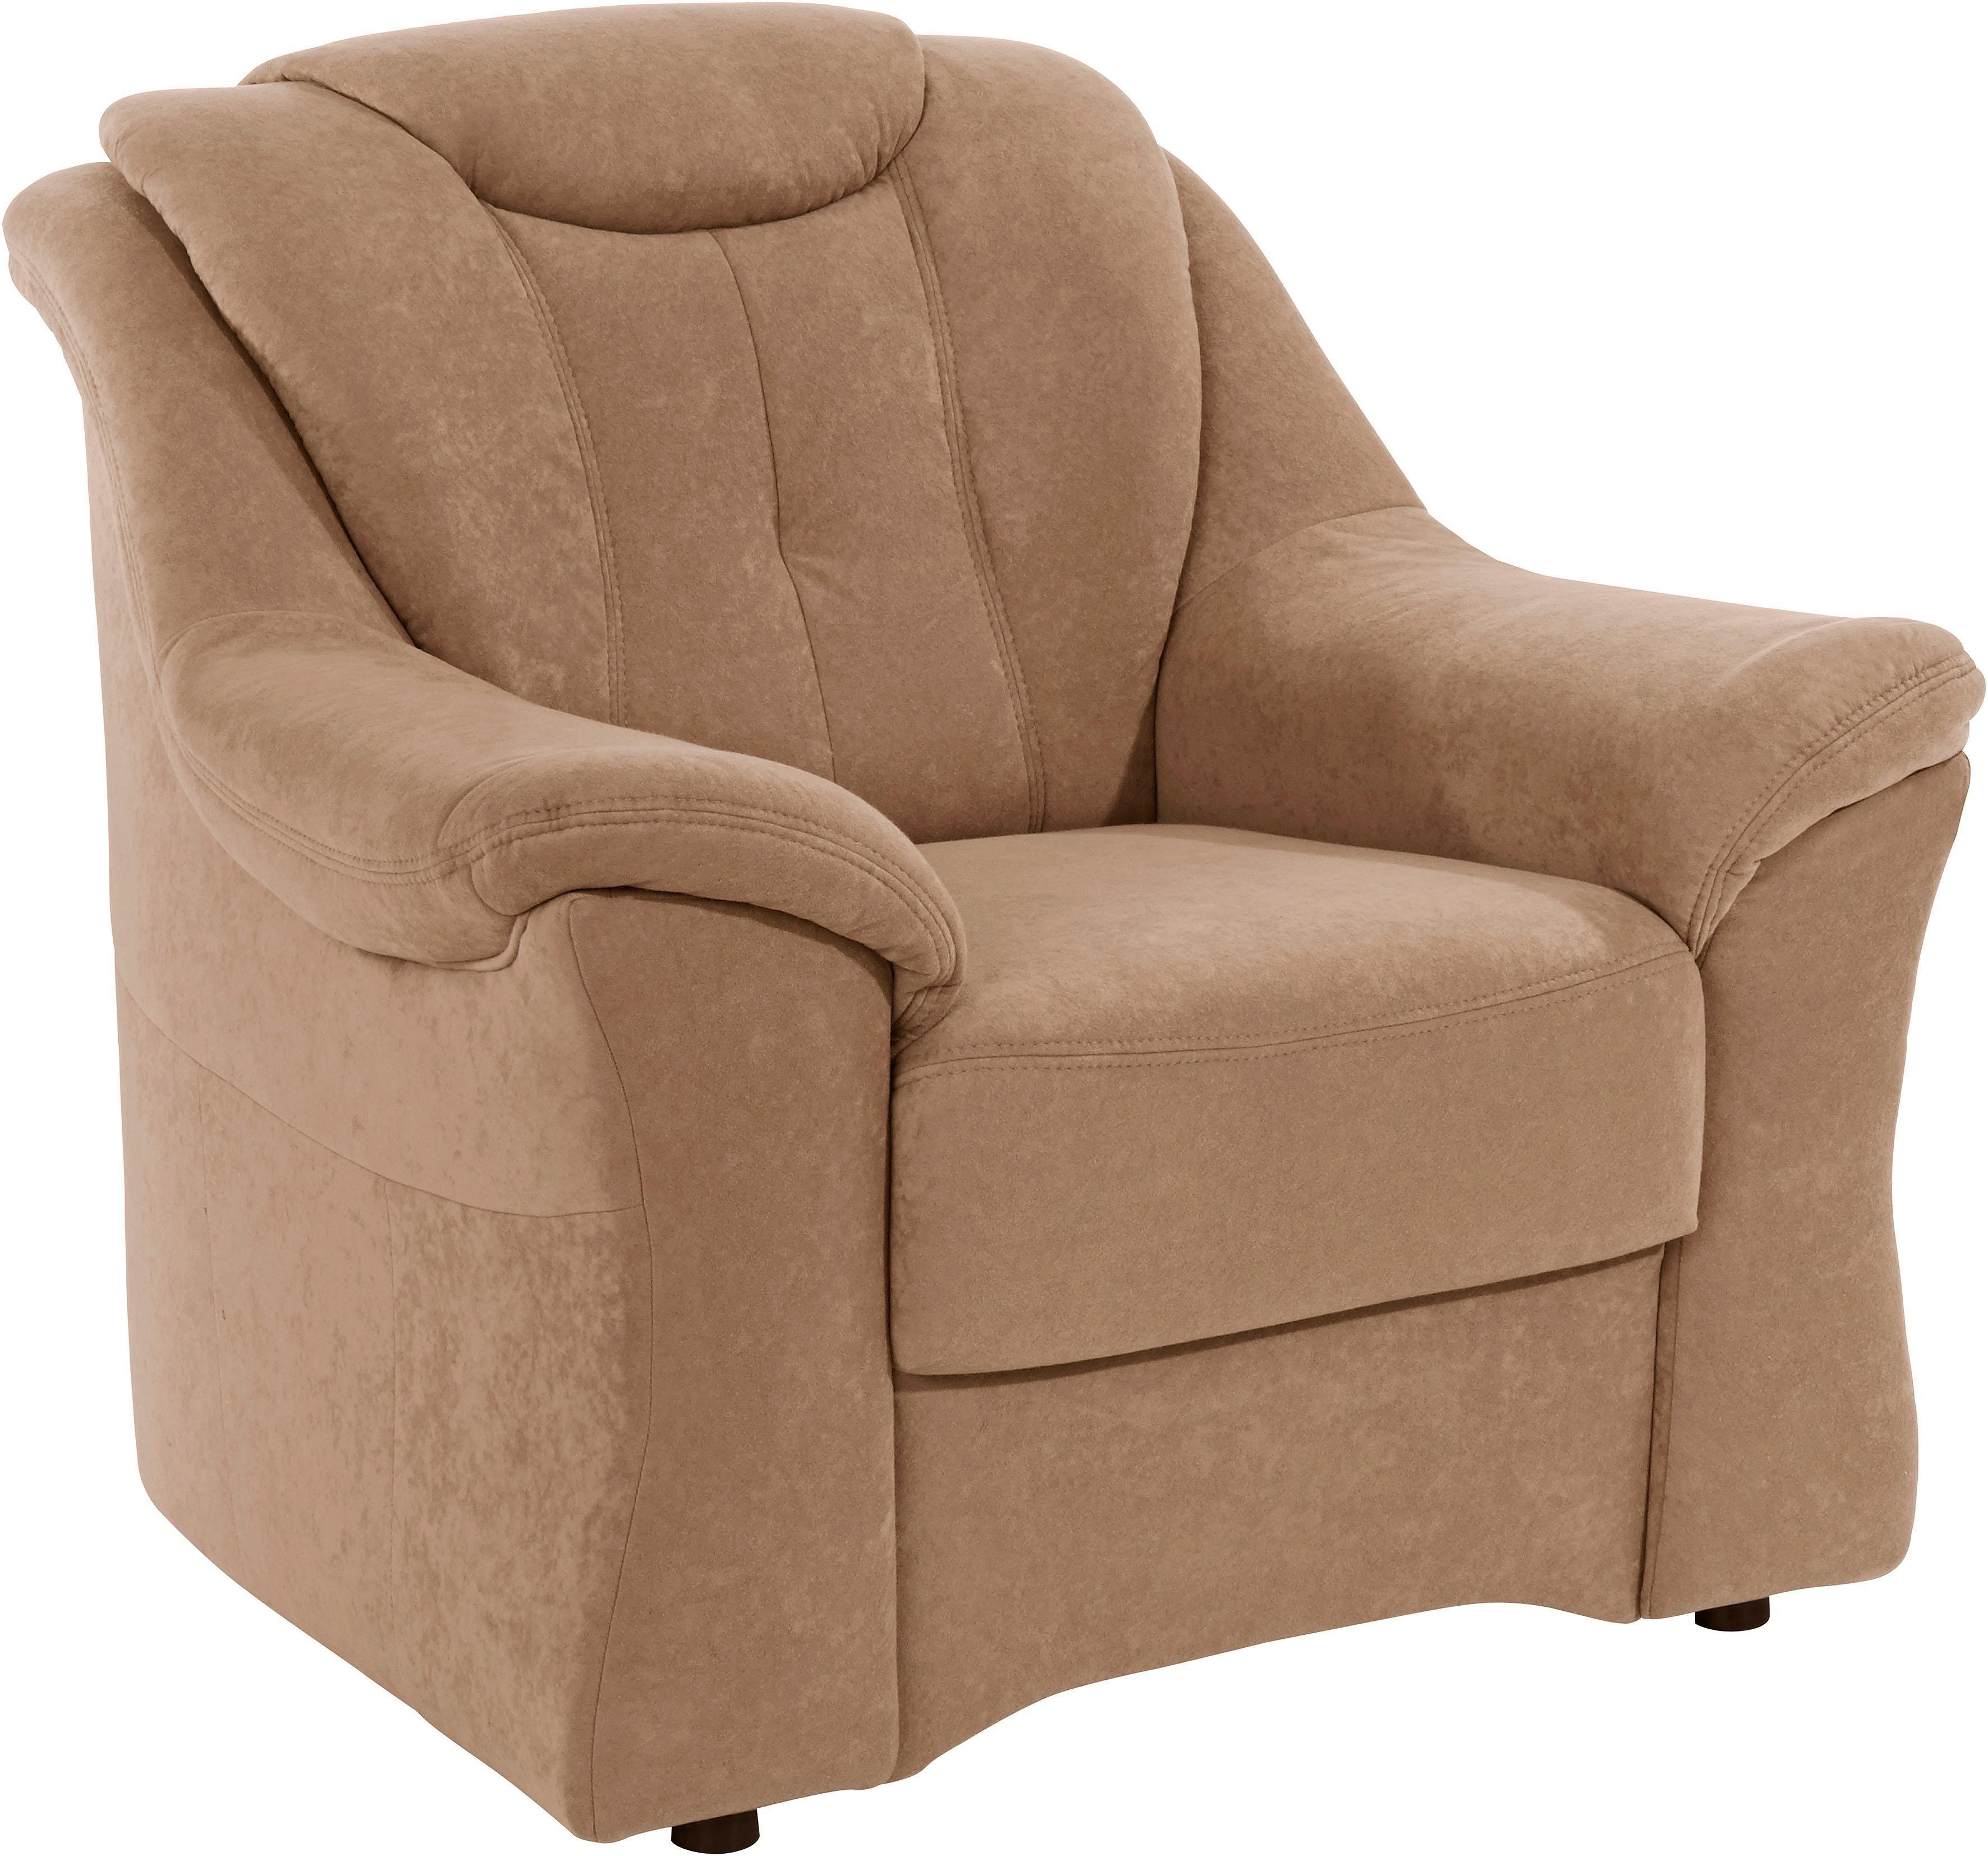 Sit\&more SIT & MORE fauteuil, met comfortabele binnenvering bestellen: 14 dagen bedenktijd